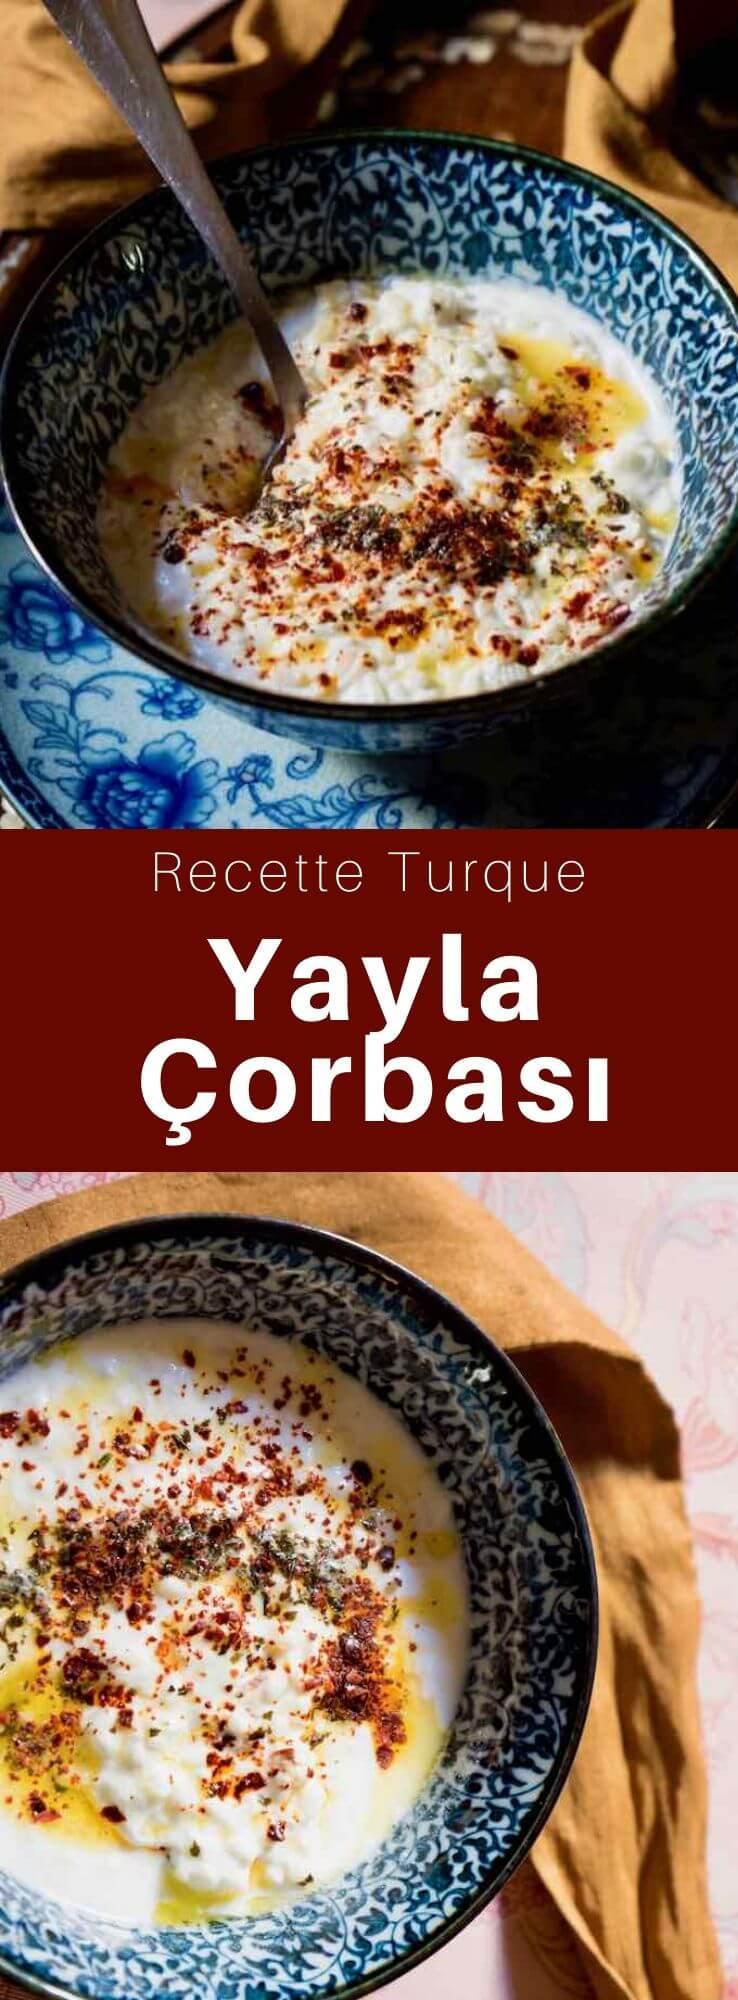 La yayla çorbası également connue sous le nom de yoğurtlu çorba, est une soupe au yaourt et au riz, parfumée à la menthe, traditionnelle de la cuisine turque. #Turquie #RecetteTurque #CuisineTurque #CuisineDuMonde #196flavors